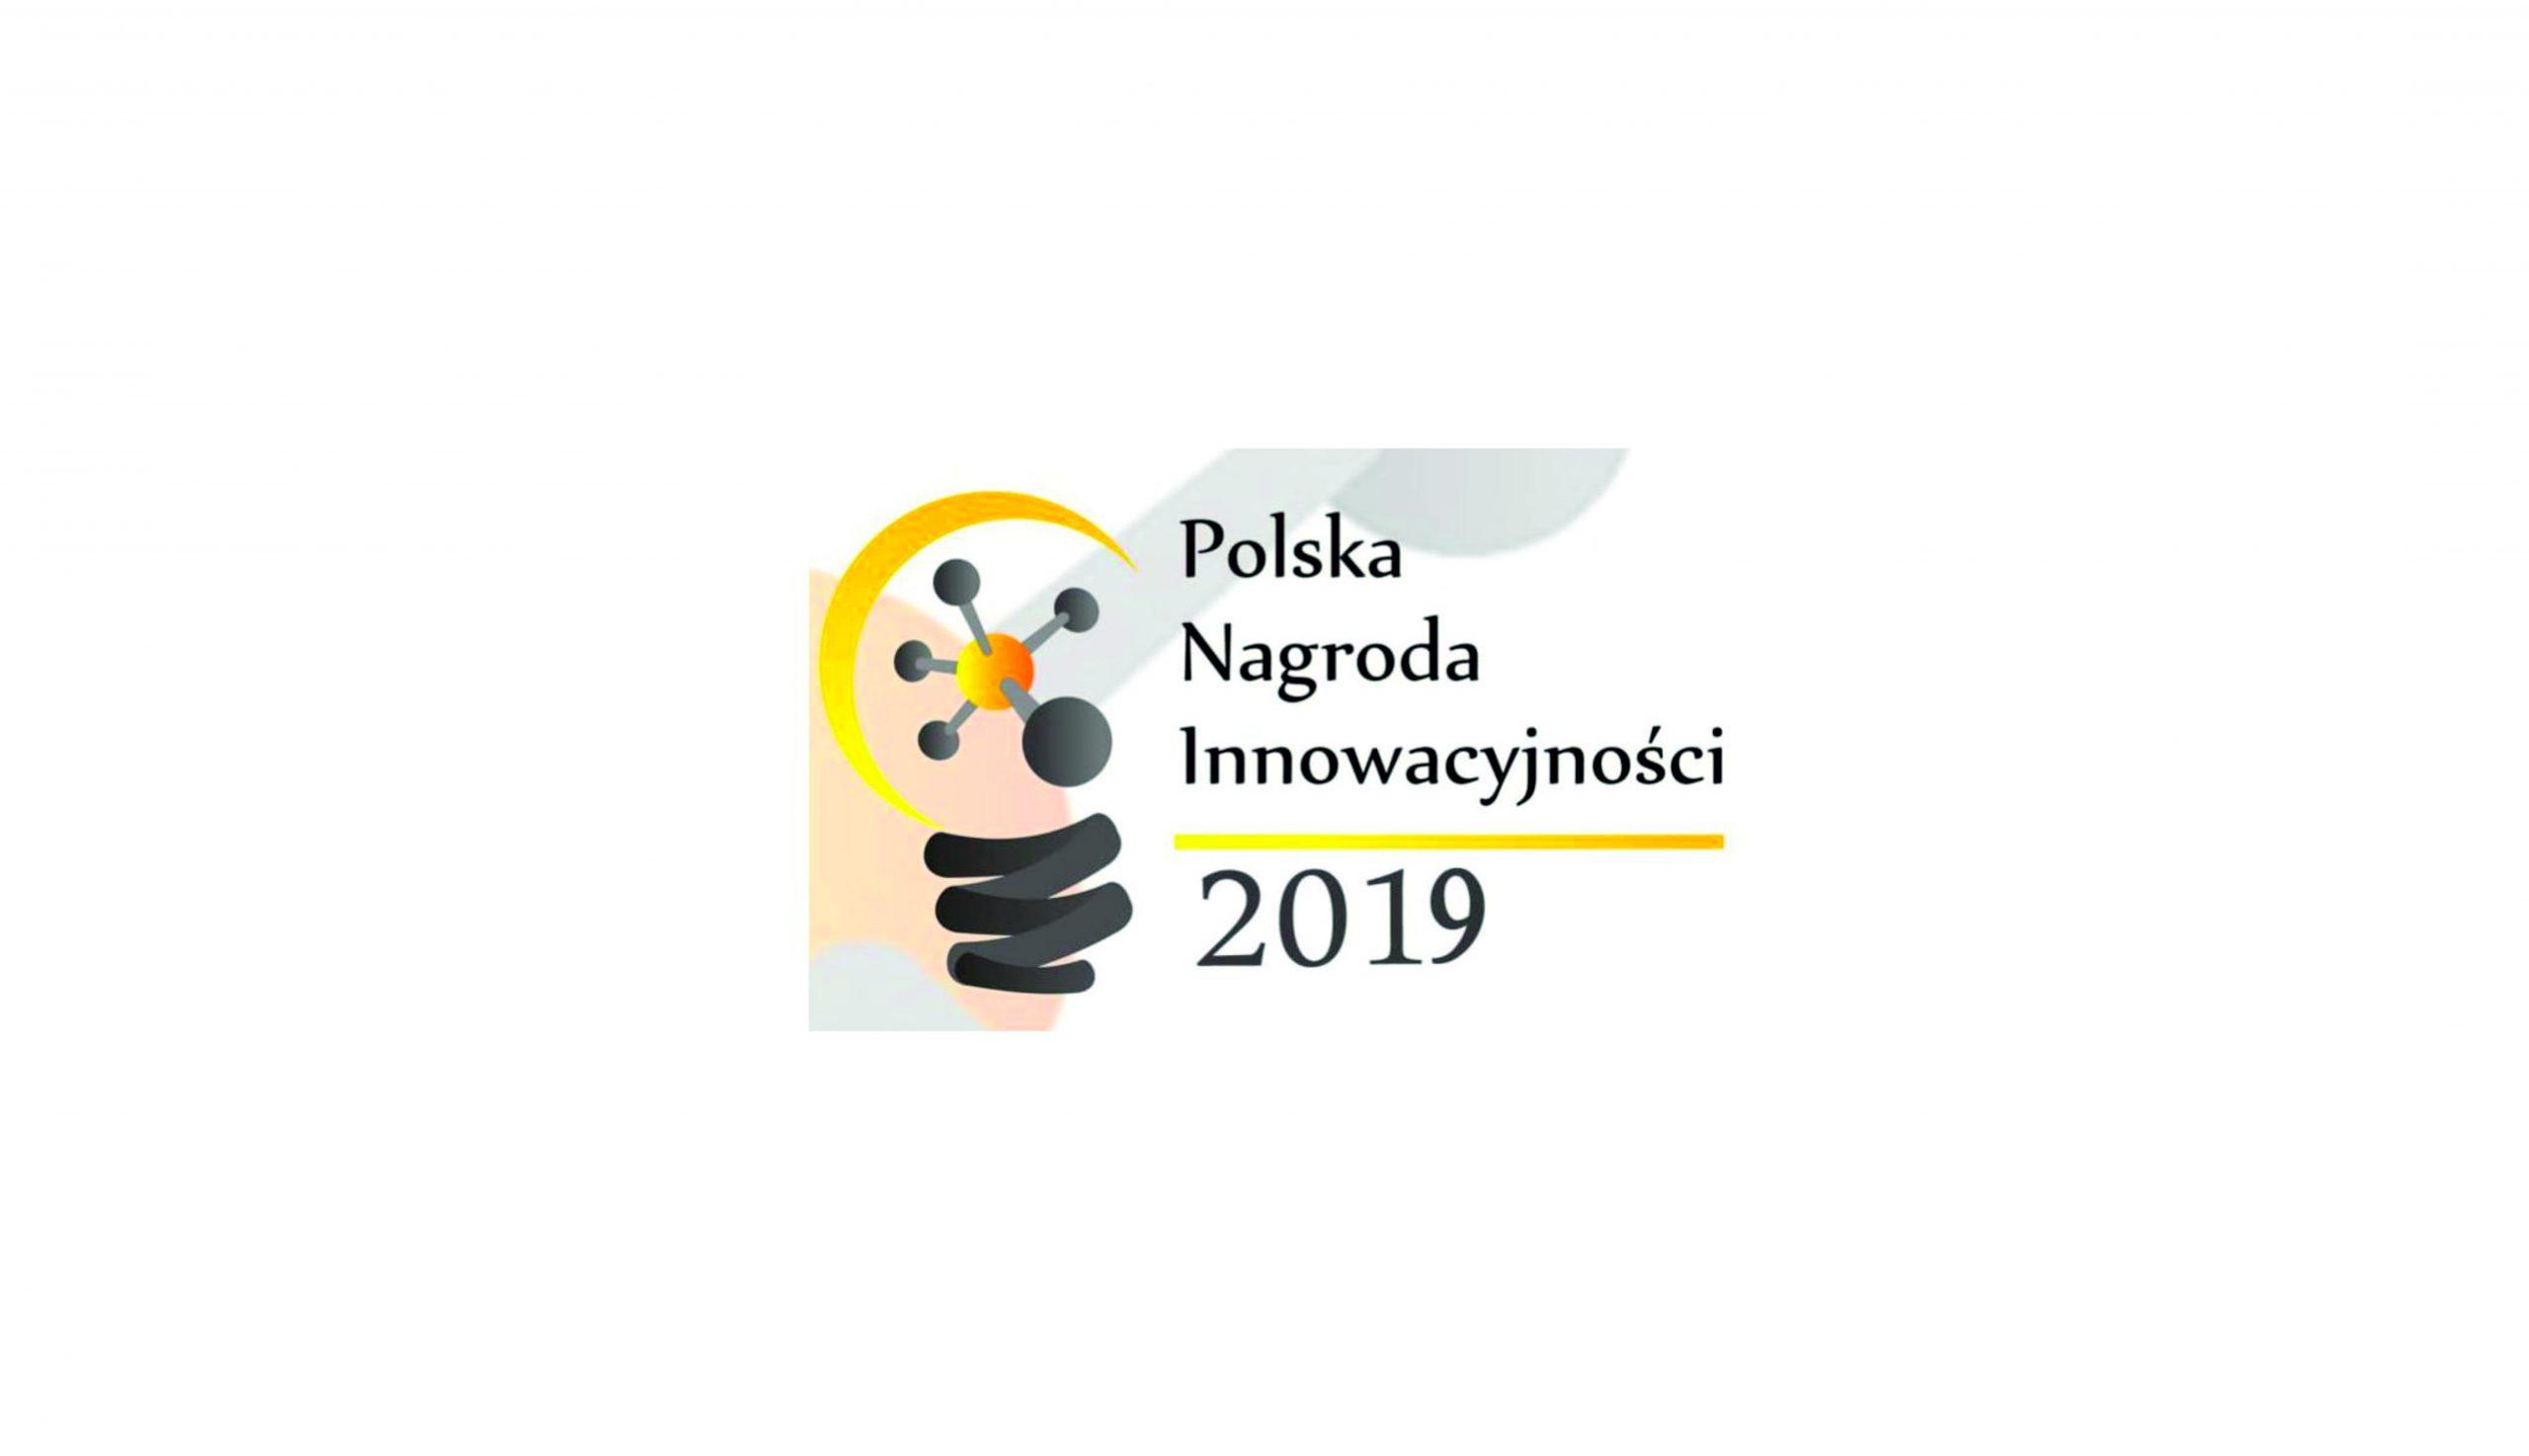 """Nagroda """"Innowacja dla Życia"""" dla iBlockFIRE! – 24.10.2019 R."""